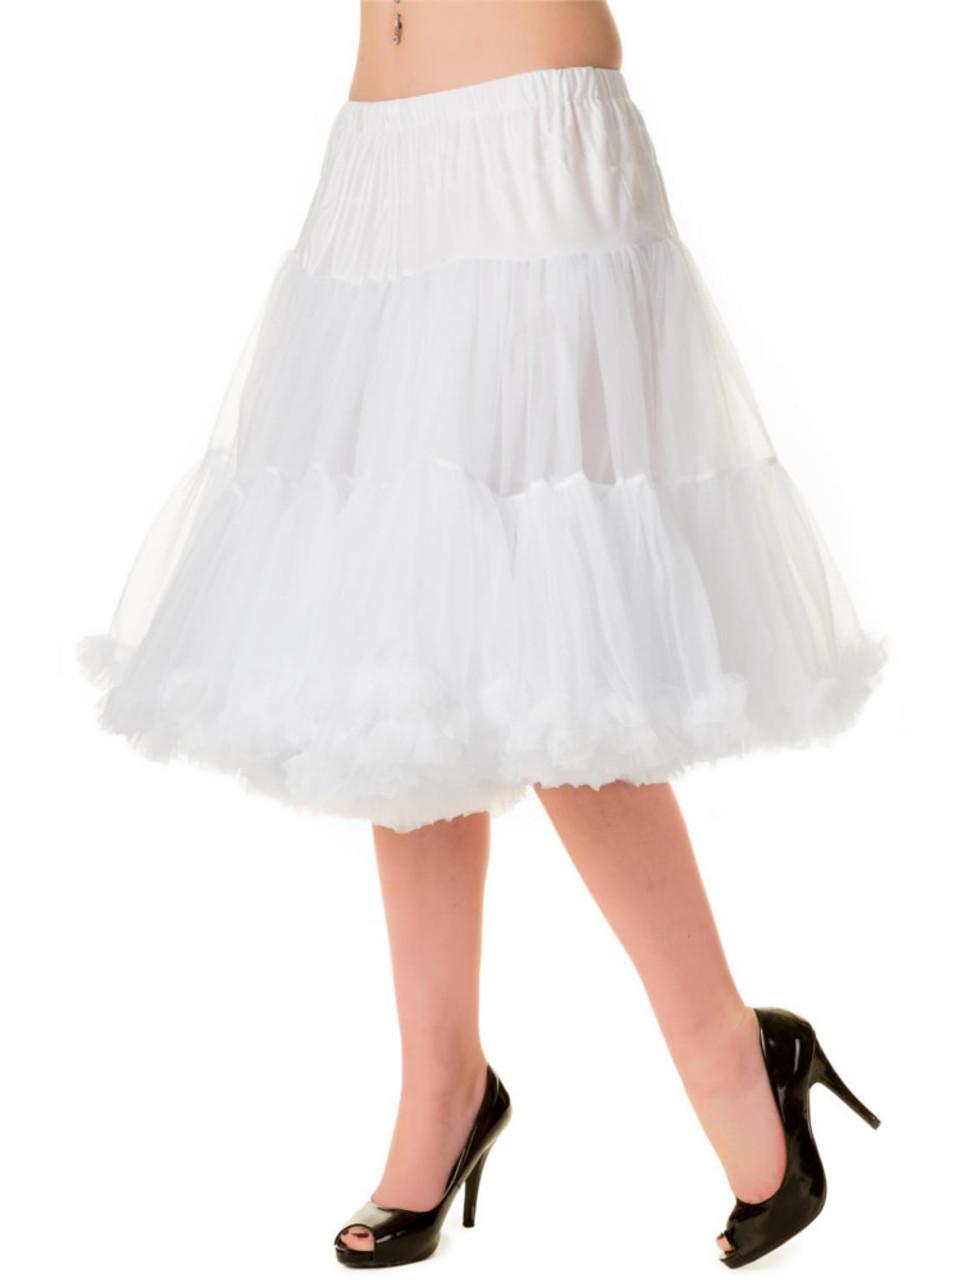 e13964972 Banned Starlite 23 Inch Petticoat, White - Suicide Glam Australia